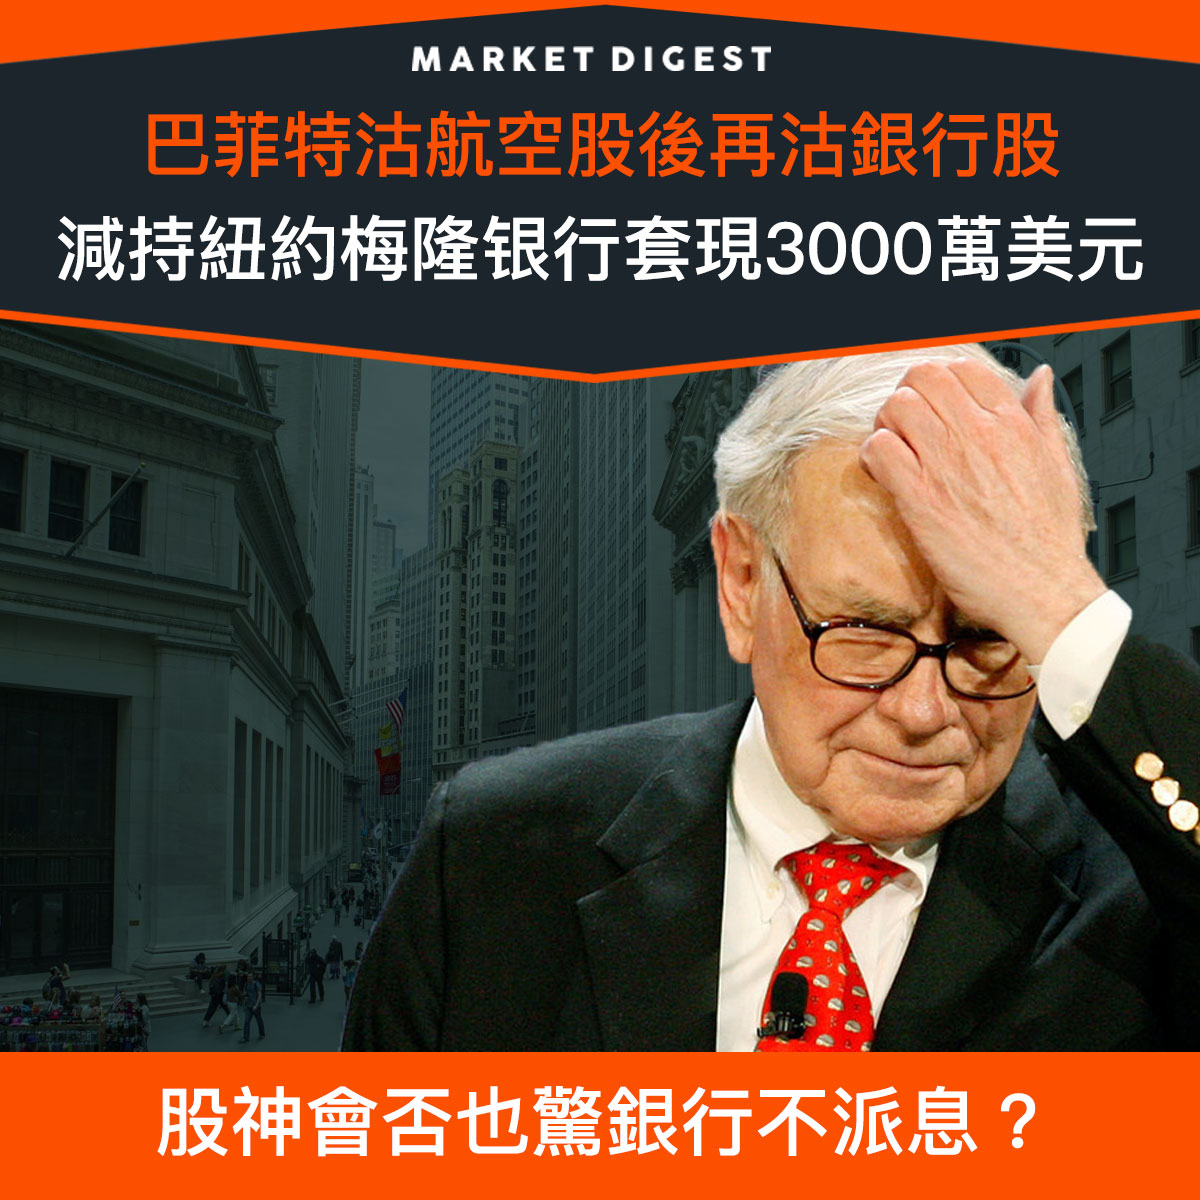 【市場熱話】巴菲特沽航空股後再沽銀行股!減持紐約梅隆银行套現3000萬美元